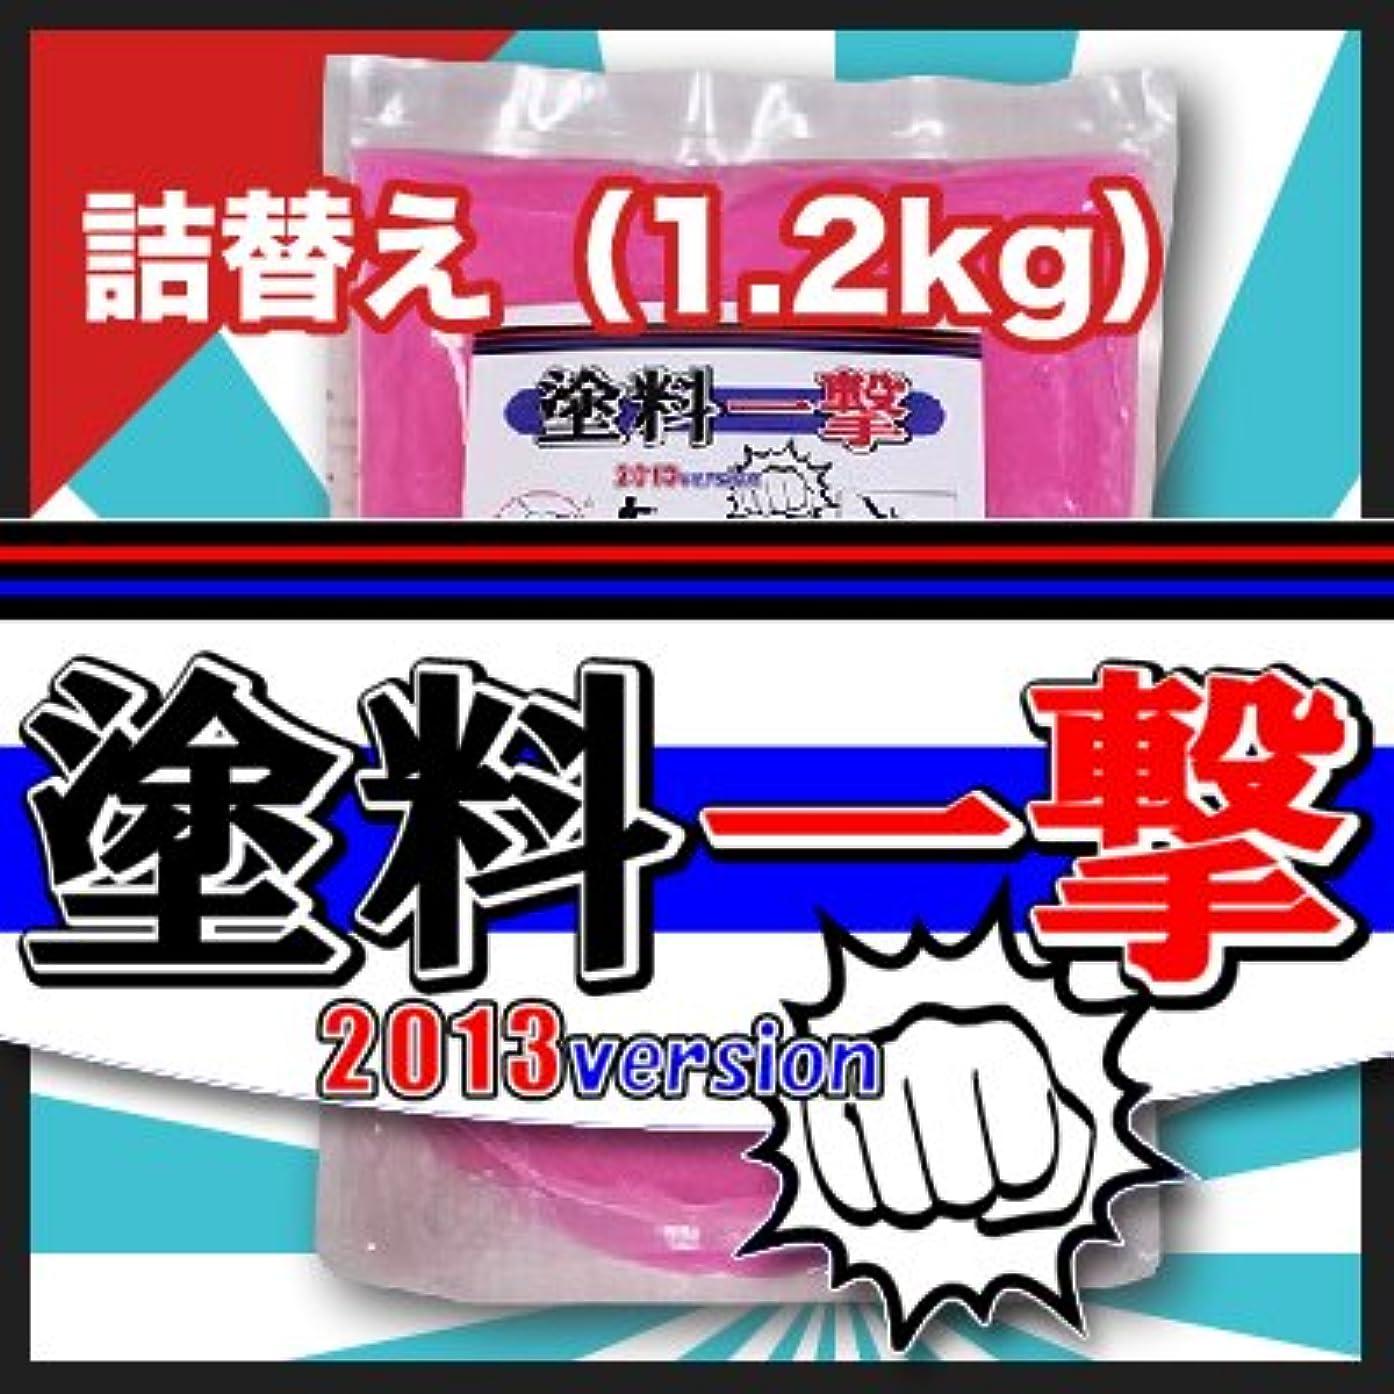 空の正しく鎮痛剤D.Iプランニング 塗料一撃 2013 Version 詰め替え (1.2kg)